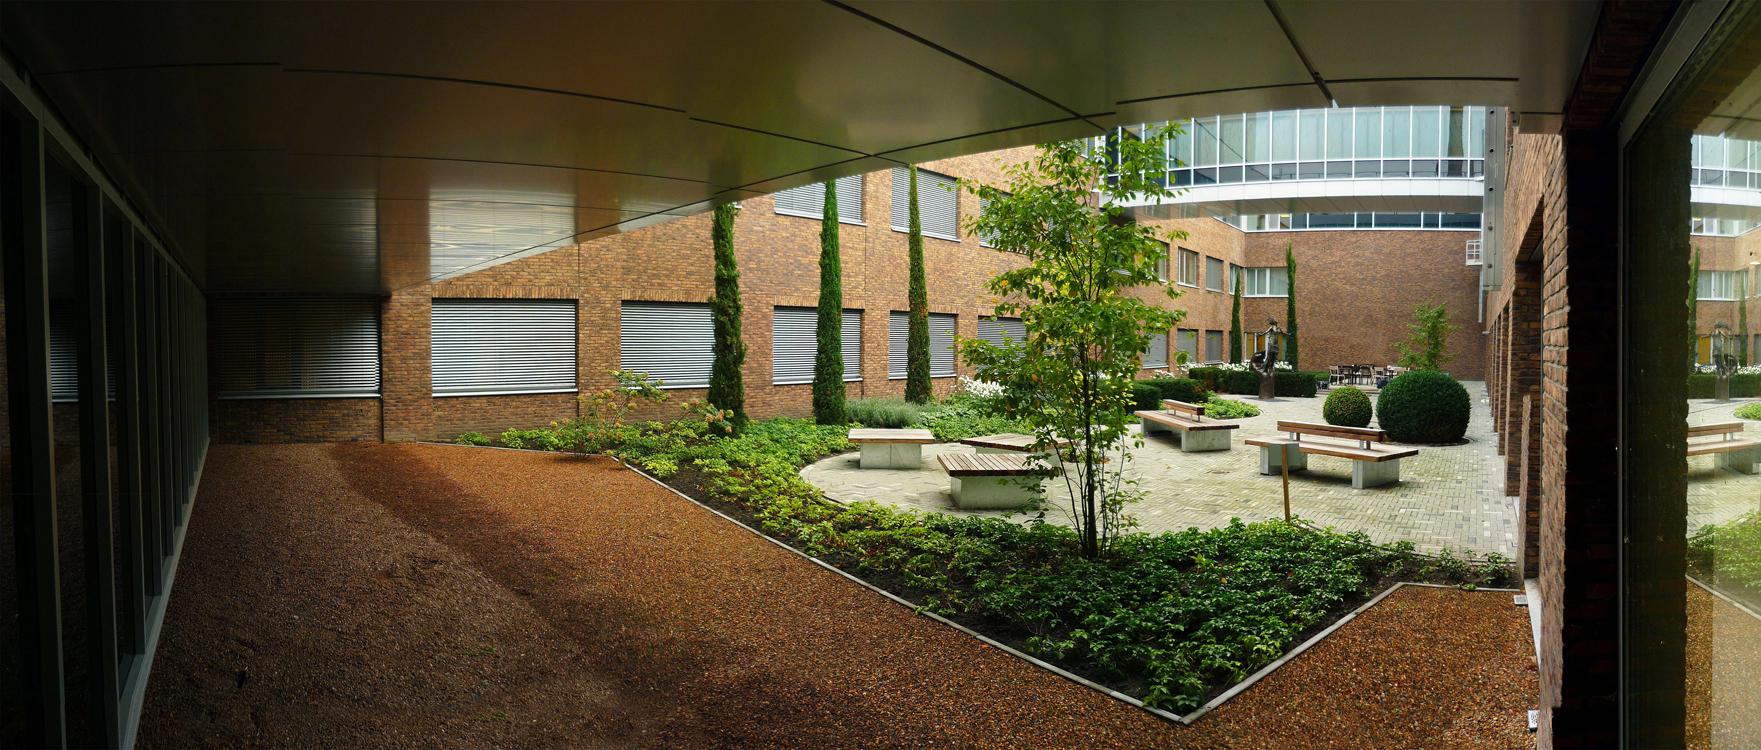 1-groenehartziekenhuis-gouda-patio2-vanbeekrietveldbeaufort